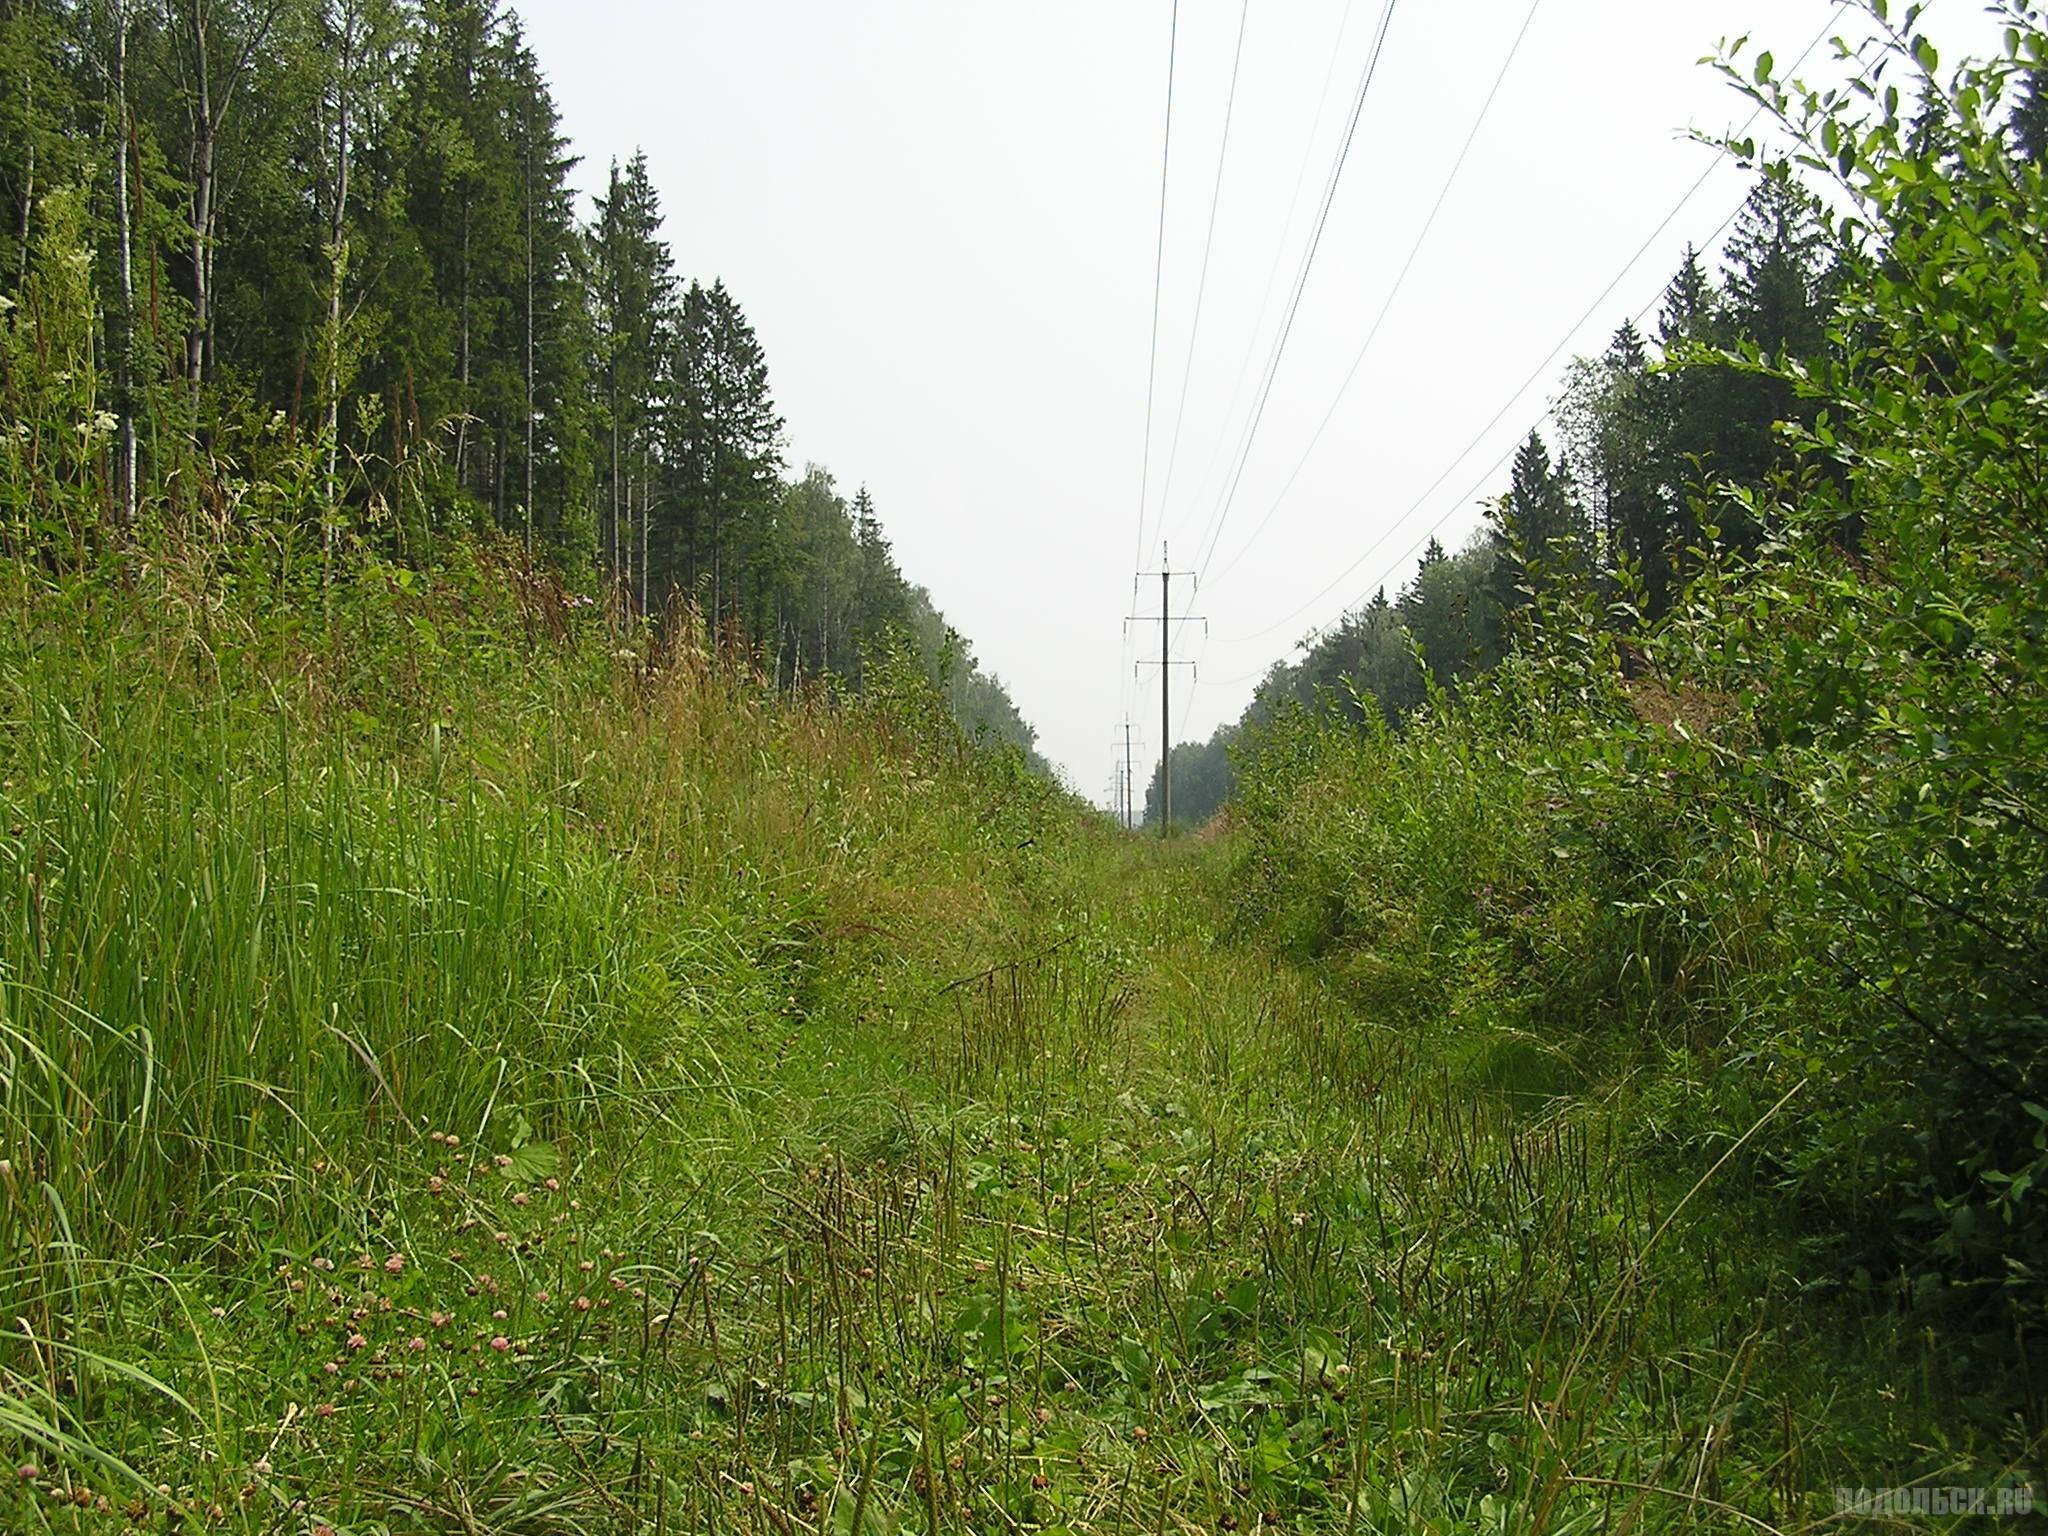 Просека у Сергеевки 24 июля 2016 г.